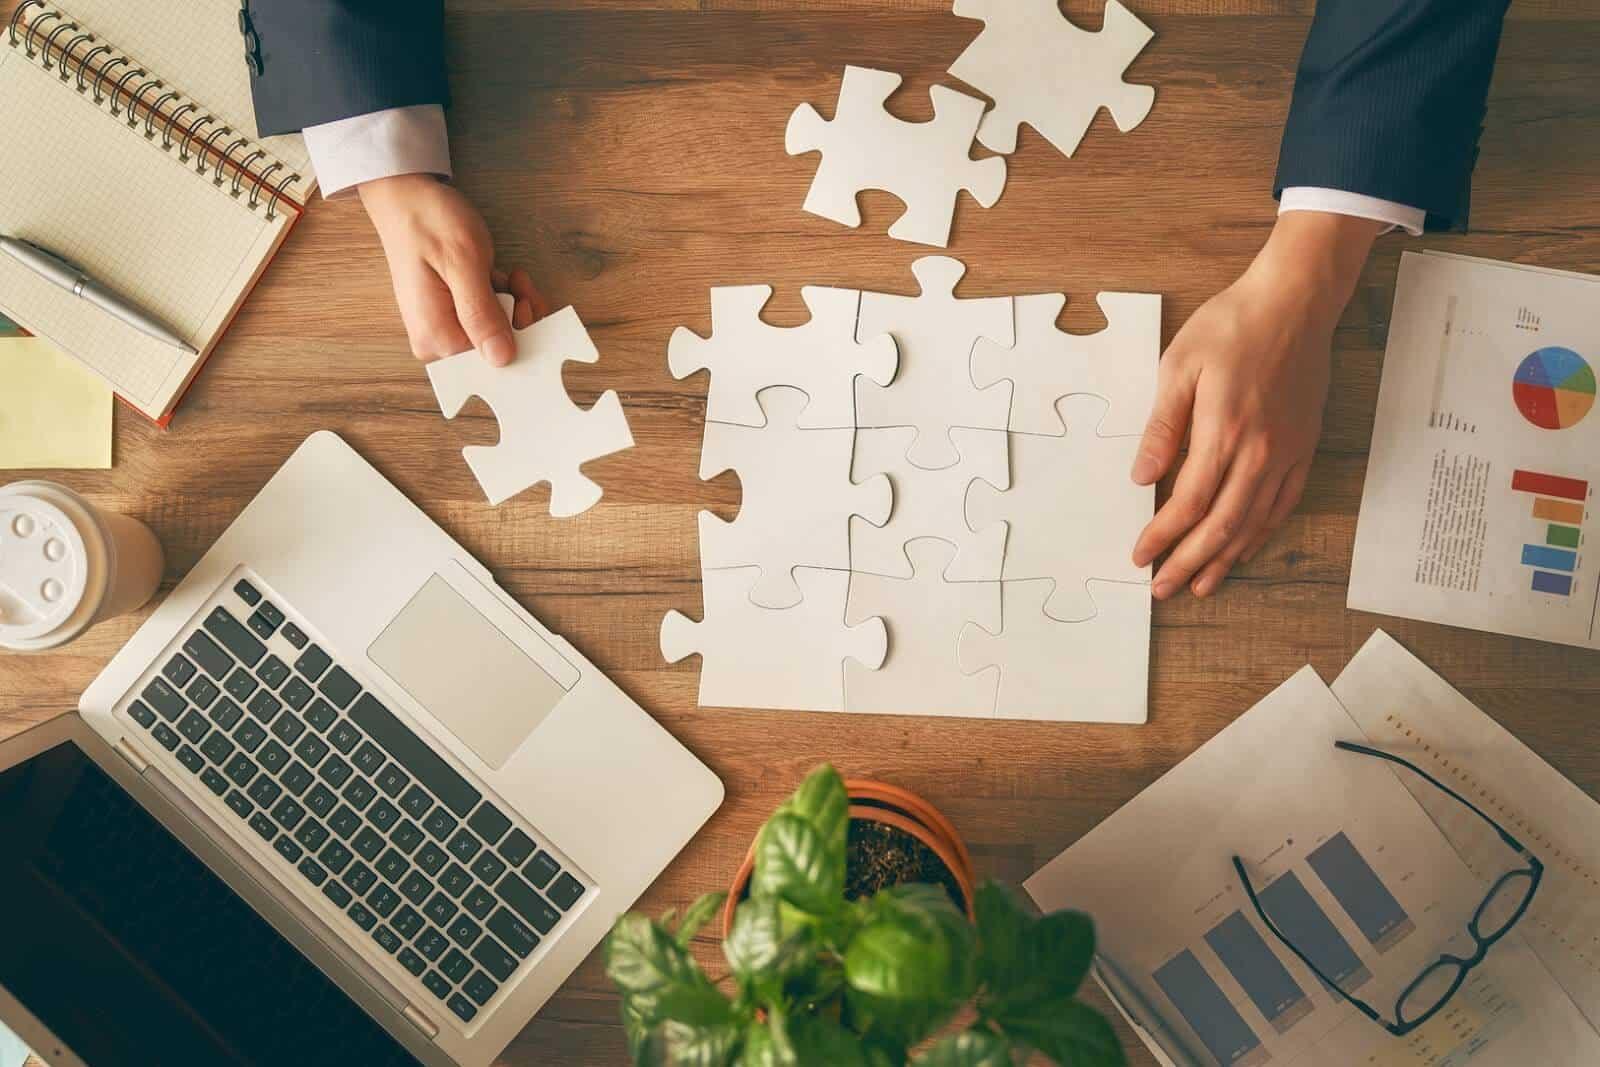 Comment déterminer la valeur d une entreprise